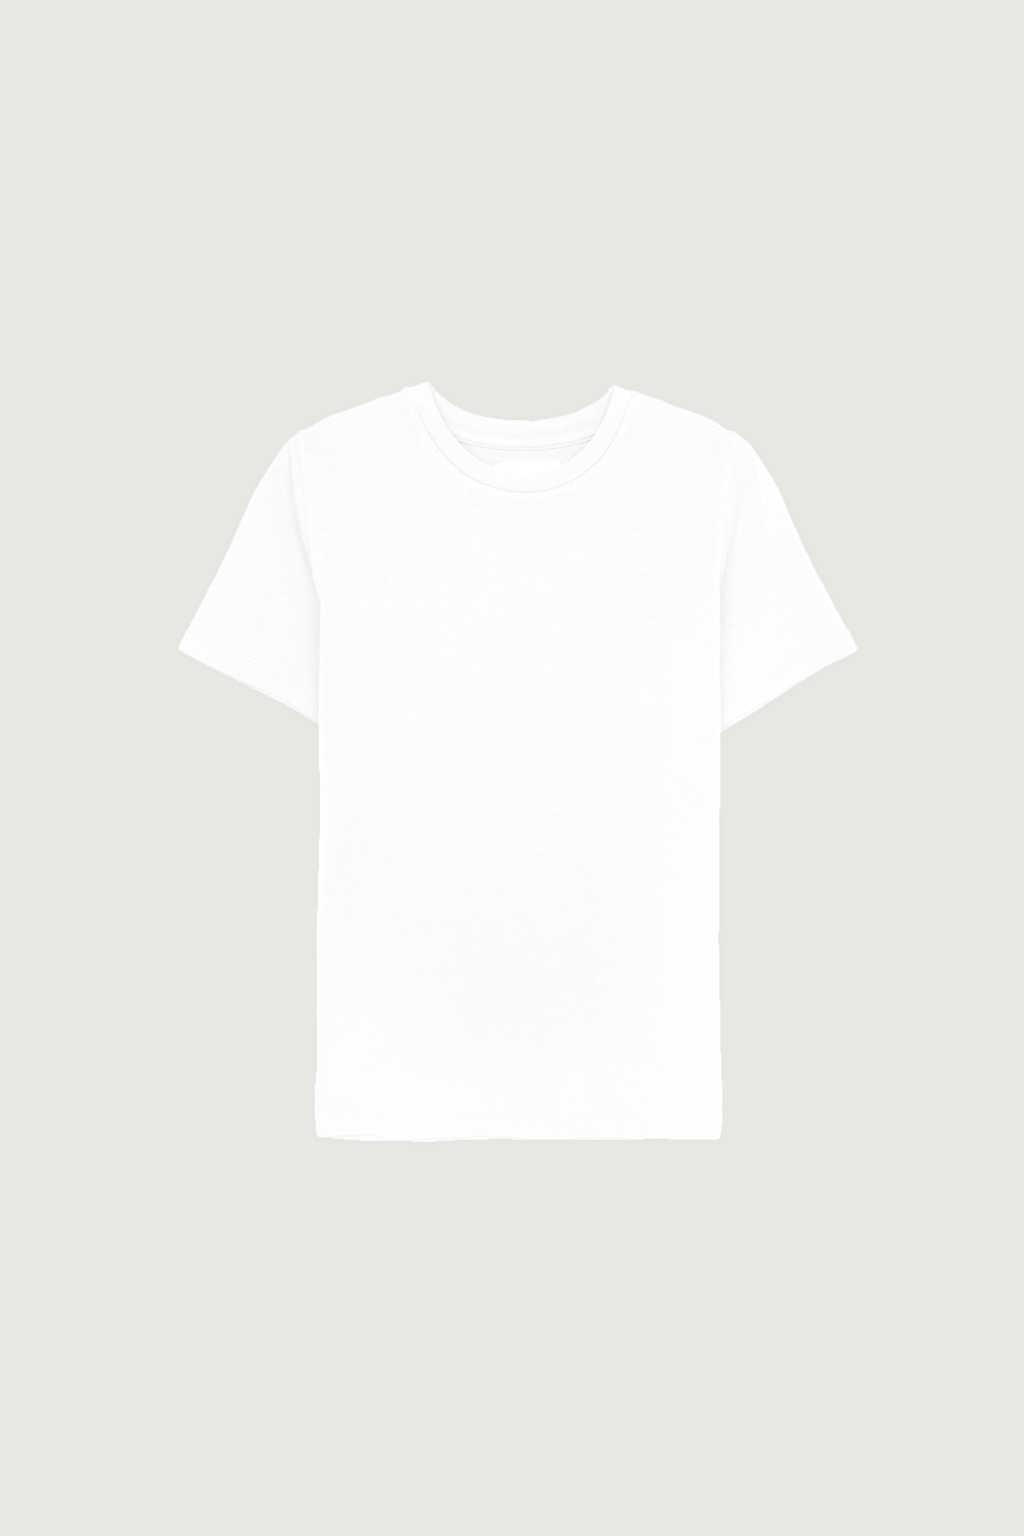 TShirt 3343 White 9